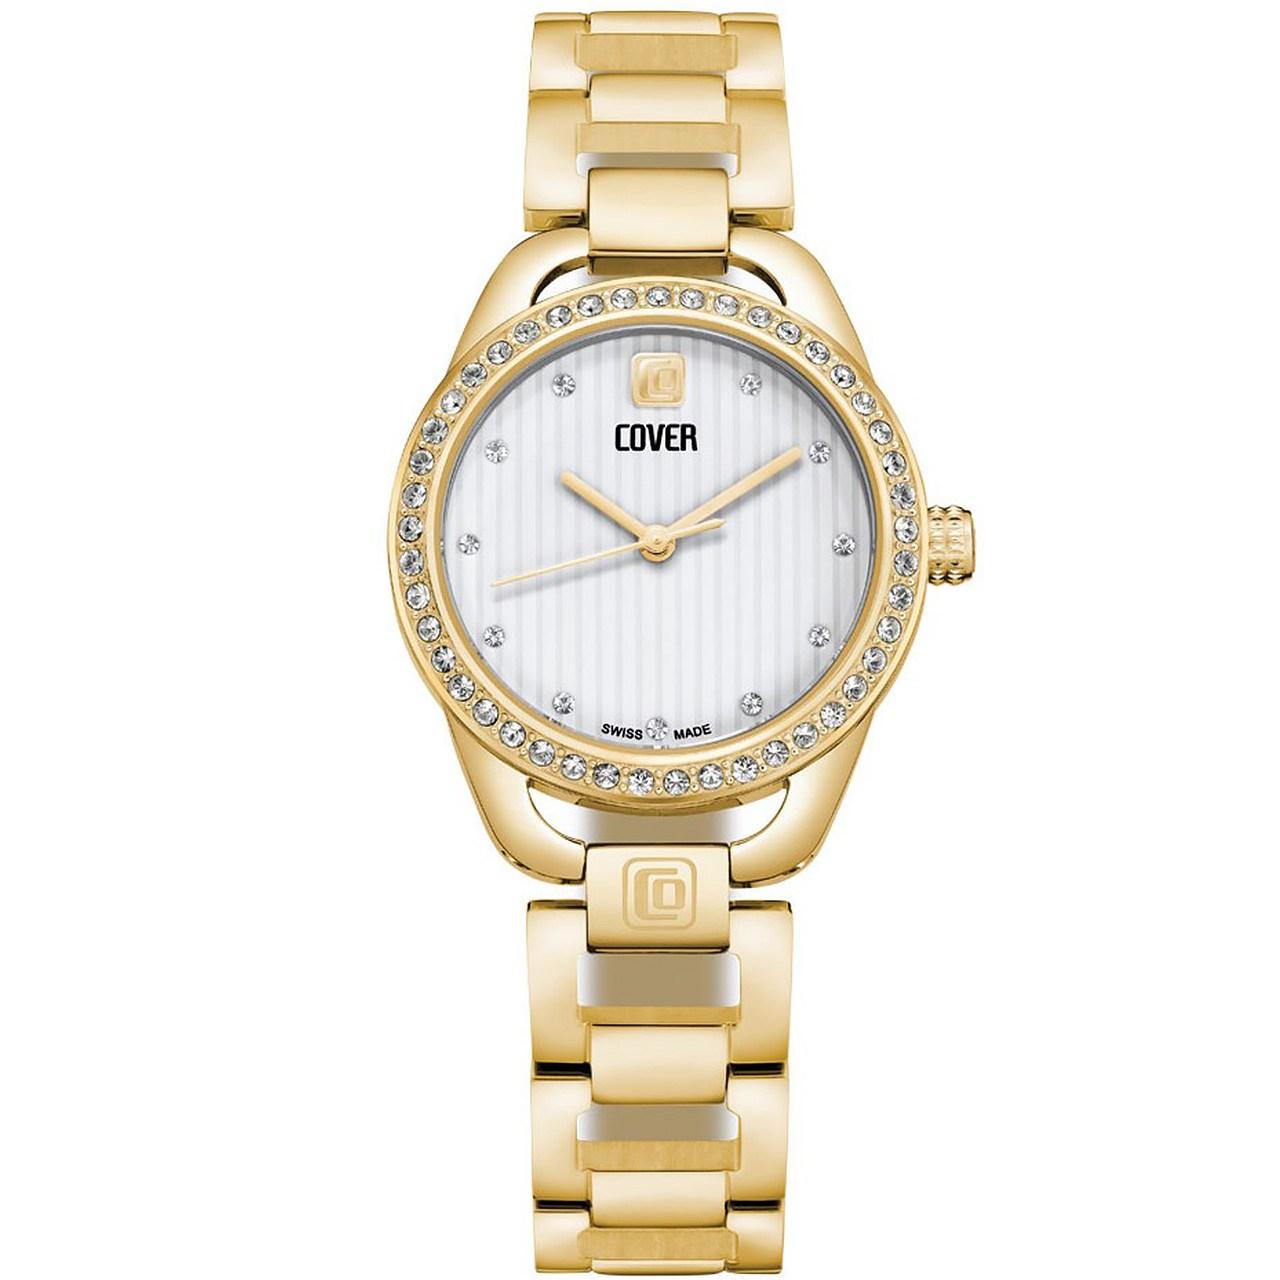 ساعت مچی عقربه ای زنانه کاور مدل Co167.03